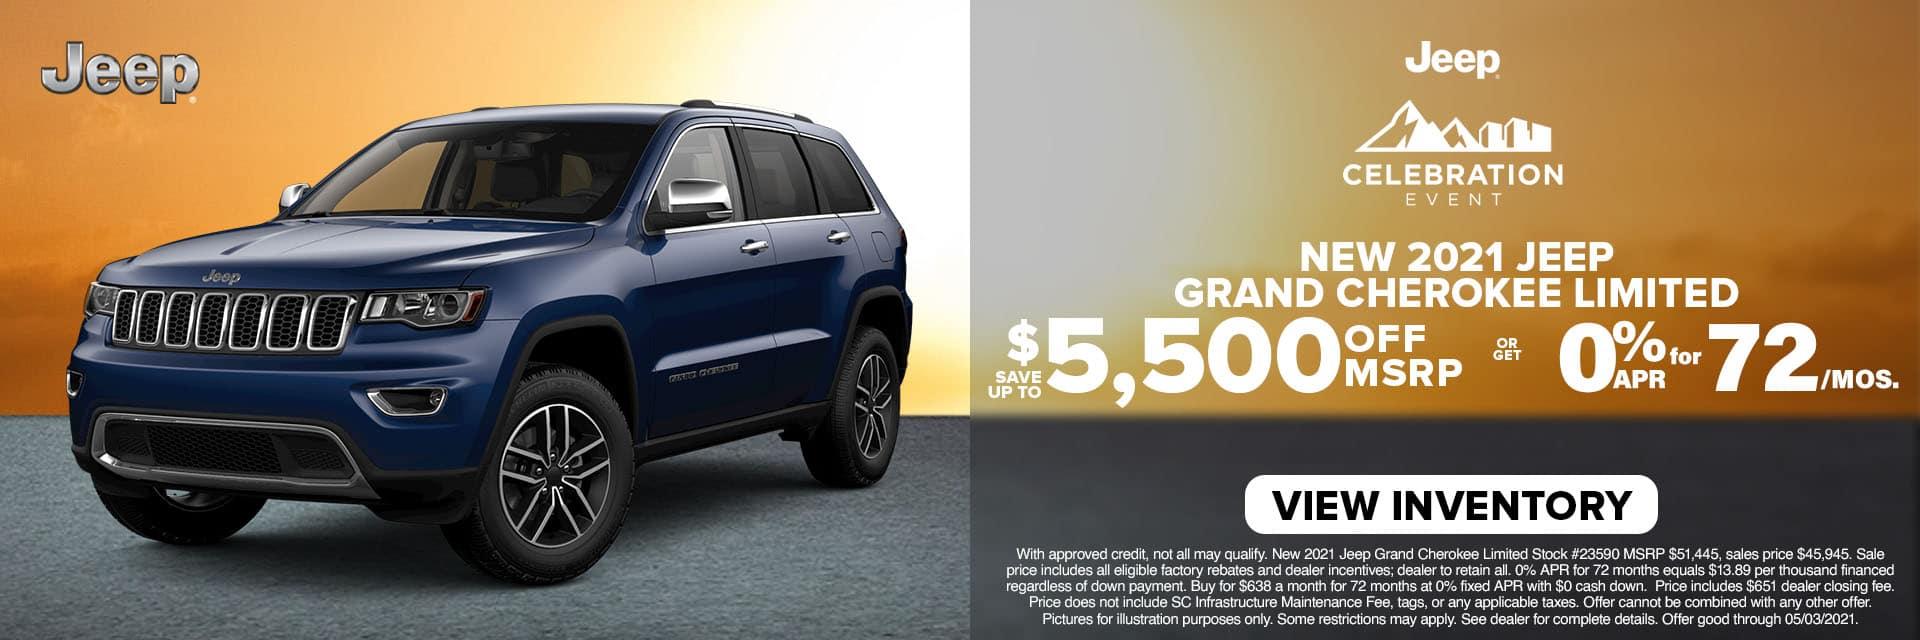 SLCJ-April 2021-2020 Jeep Grand Cherokee